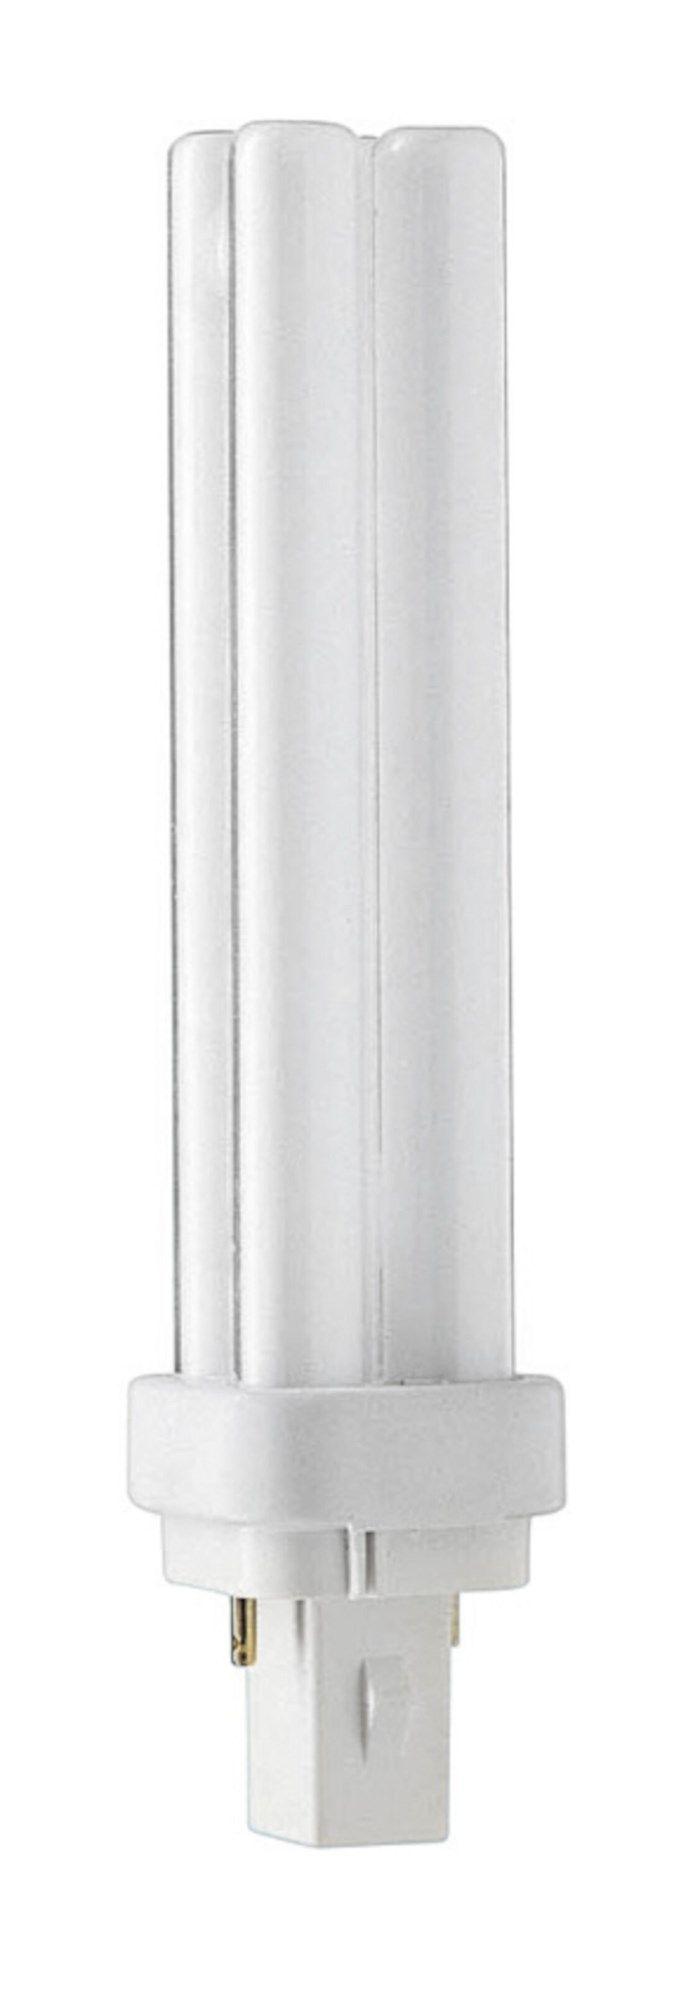 Kompaktlysrör G24d 1200 lm